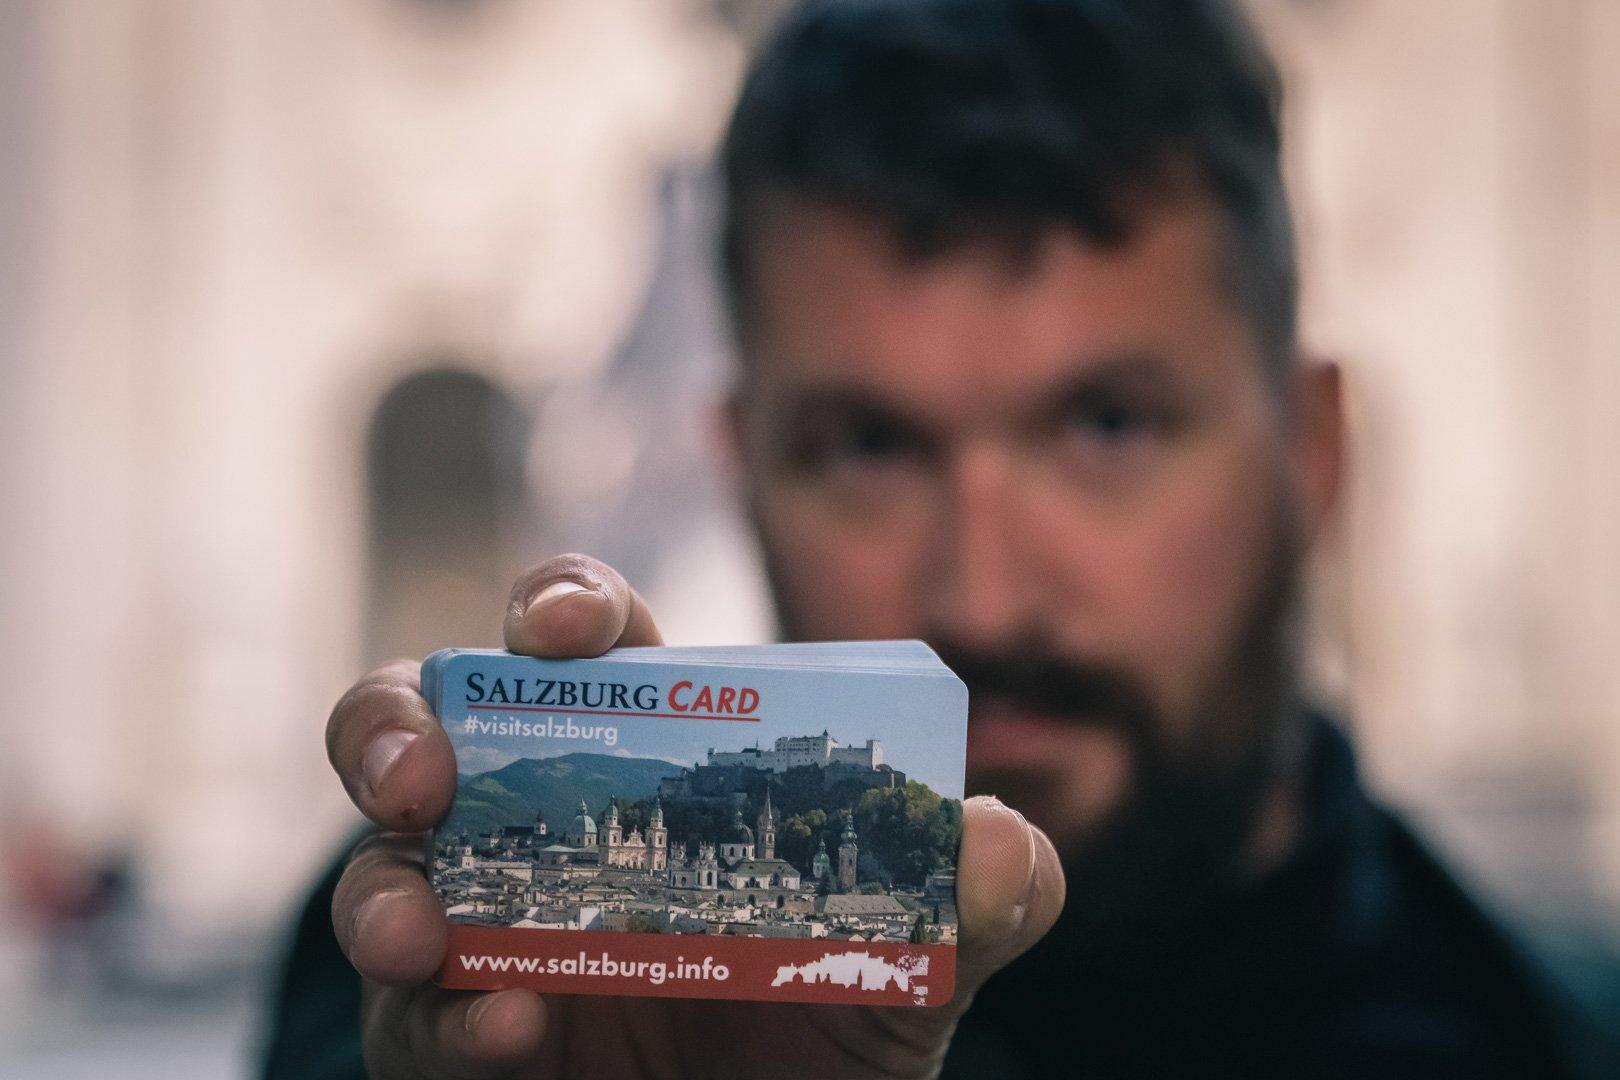 Gerhard Reus and the 24 hour Salzburg Card